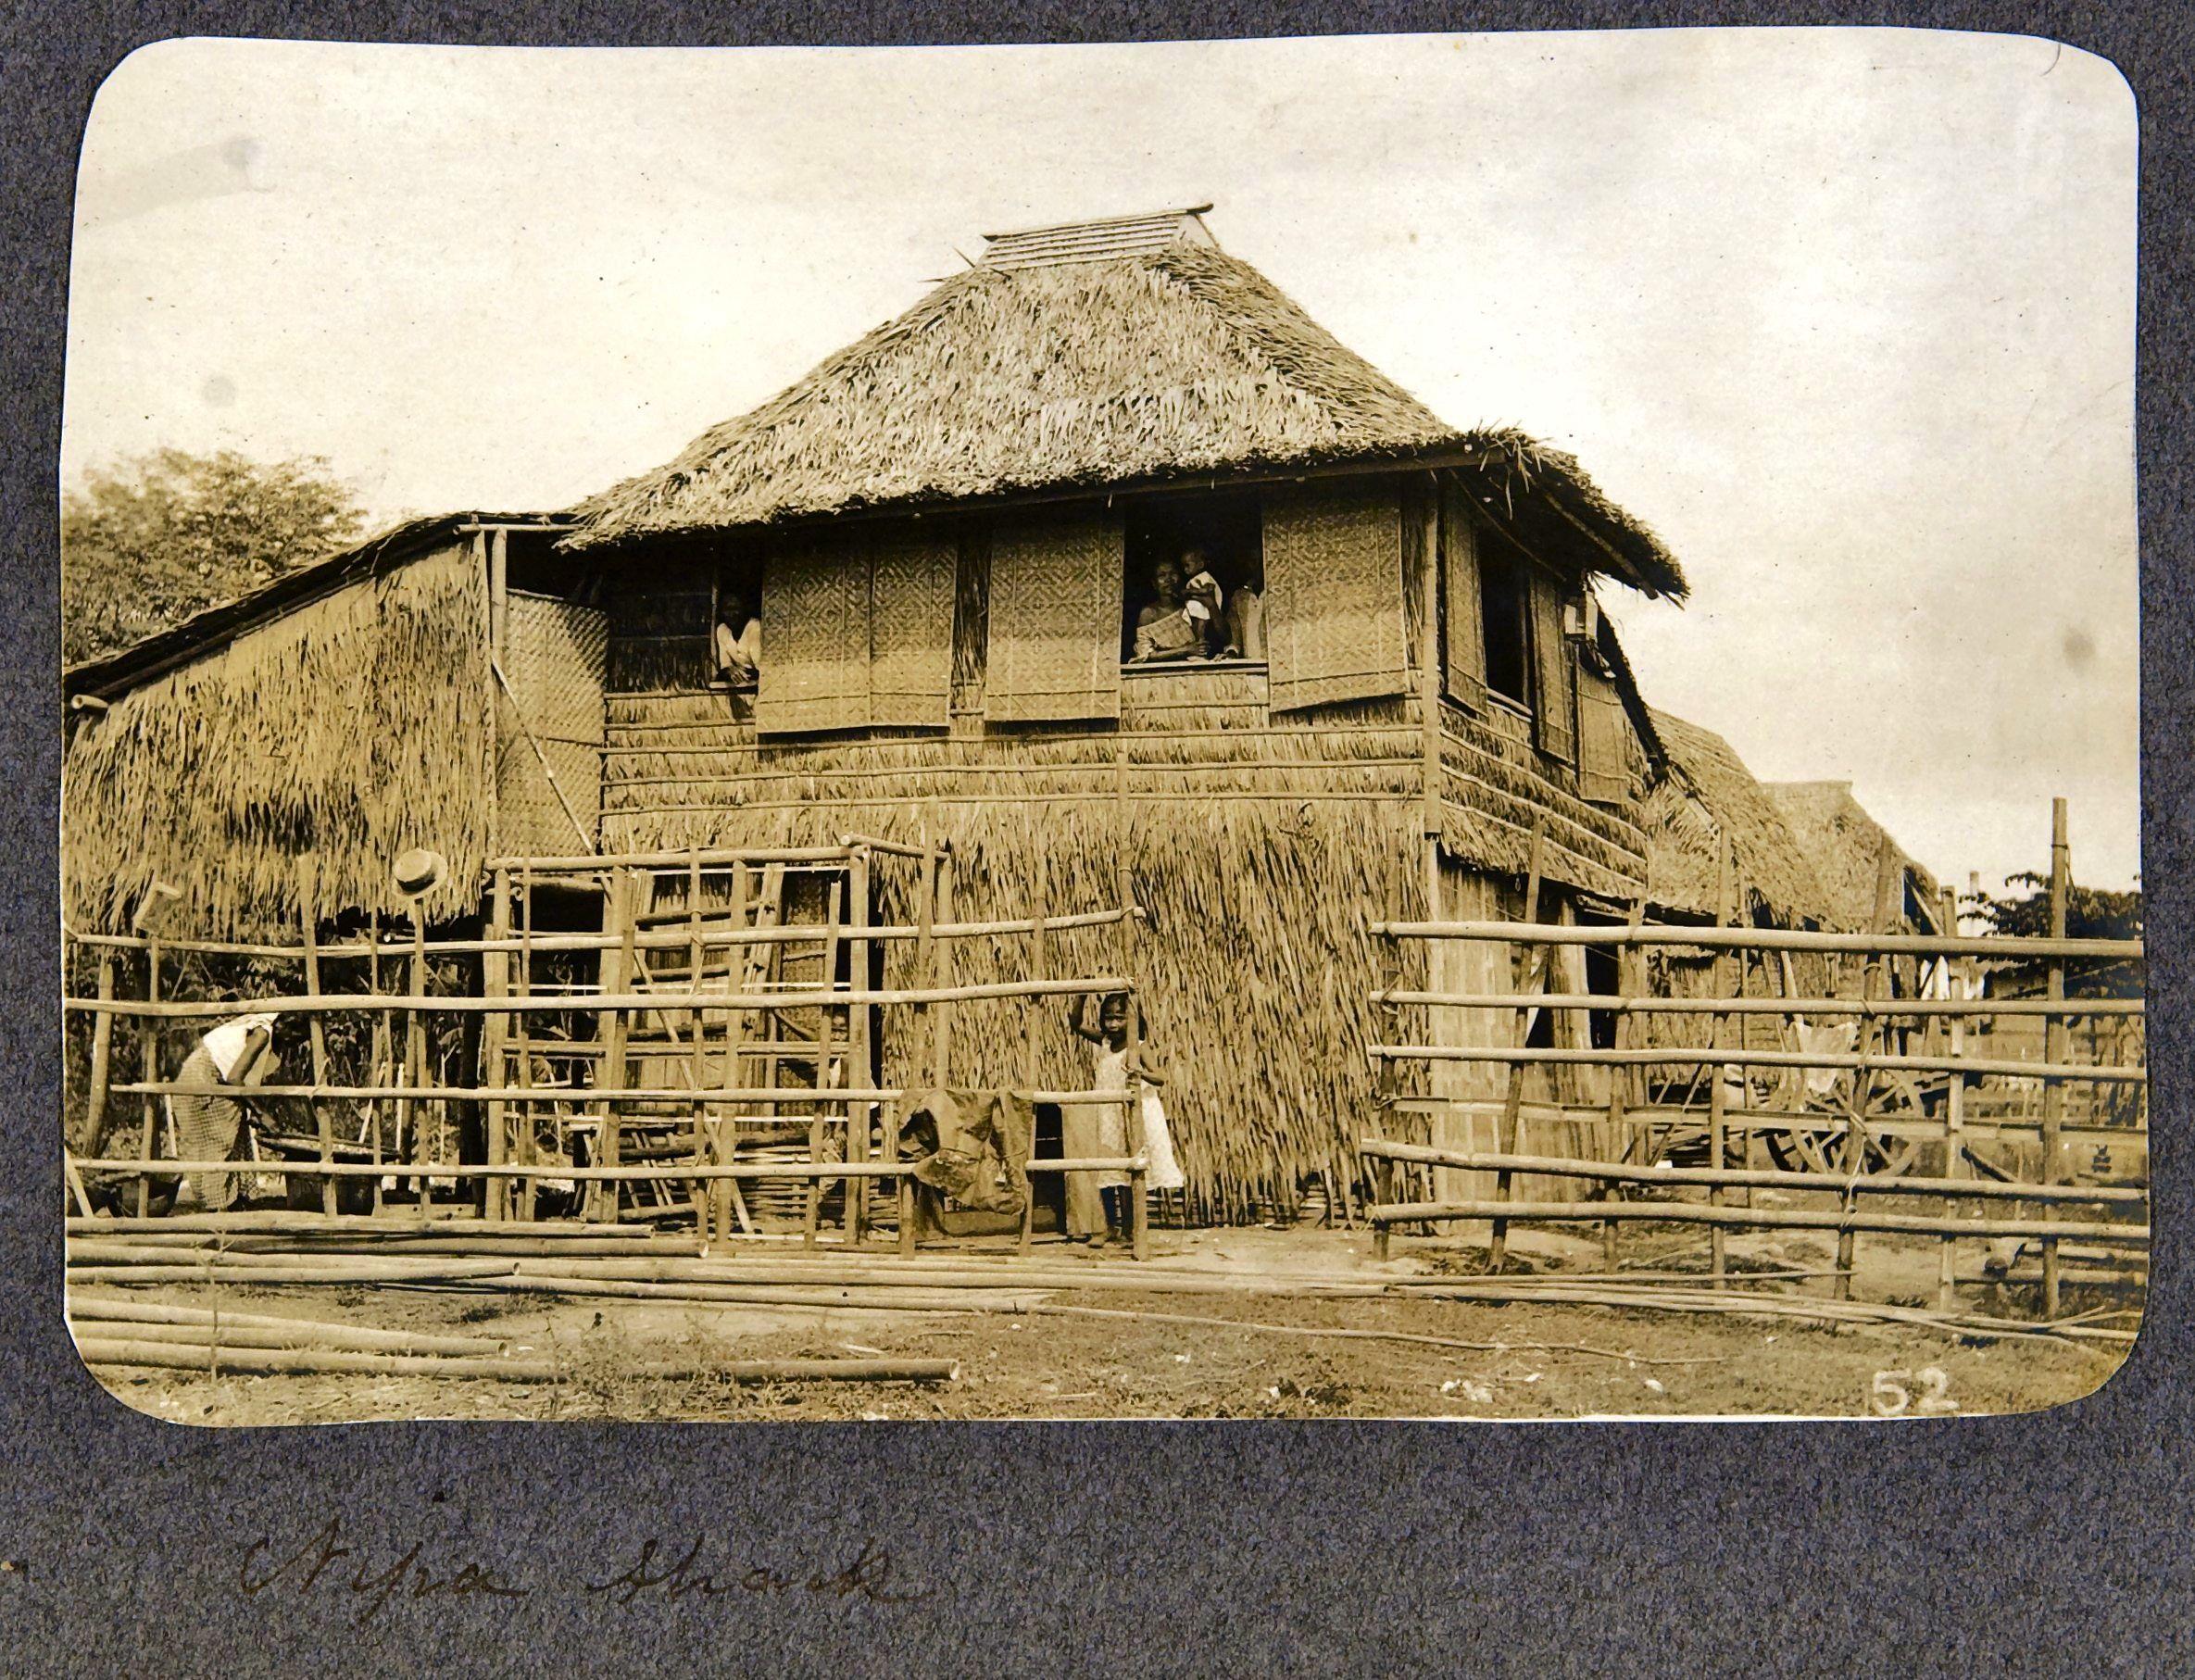 09. Манила. Бахай кубо (Традиционный филиппинский дом, крытый листьями нипы кустистой)